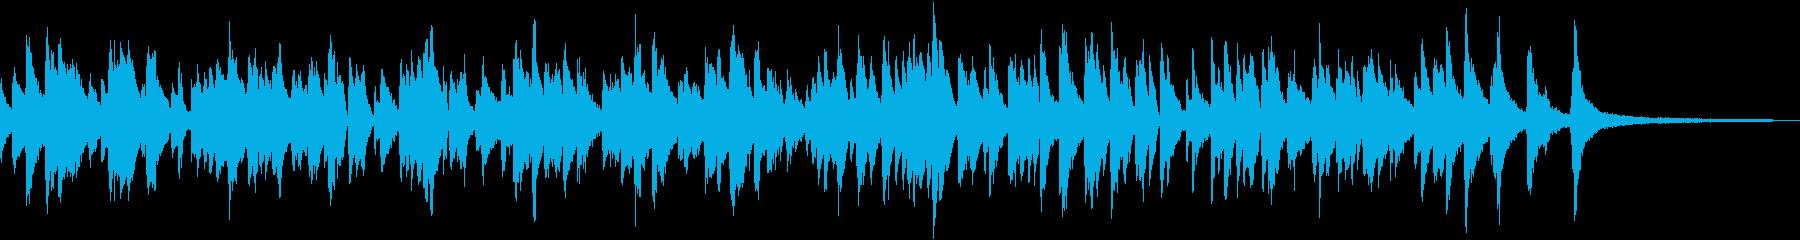 ロシア民謡のラウンジ風ボサノバの再生済みの波形